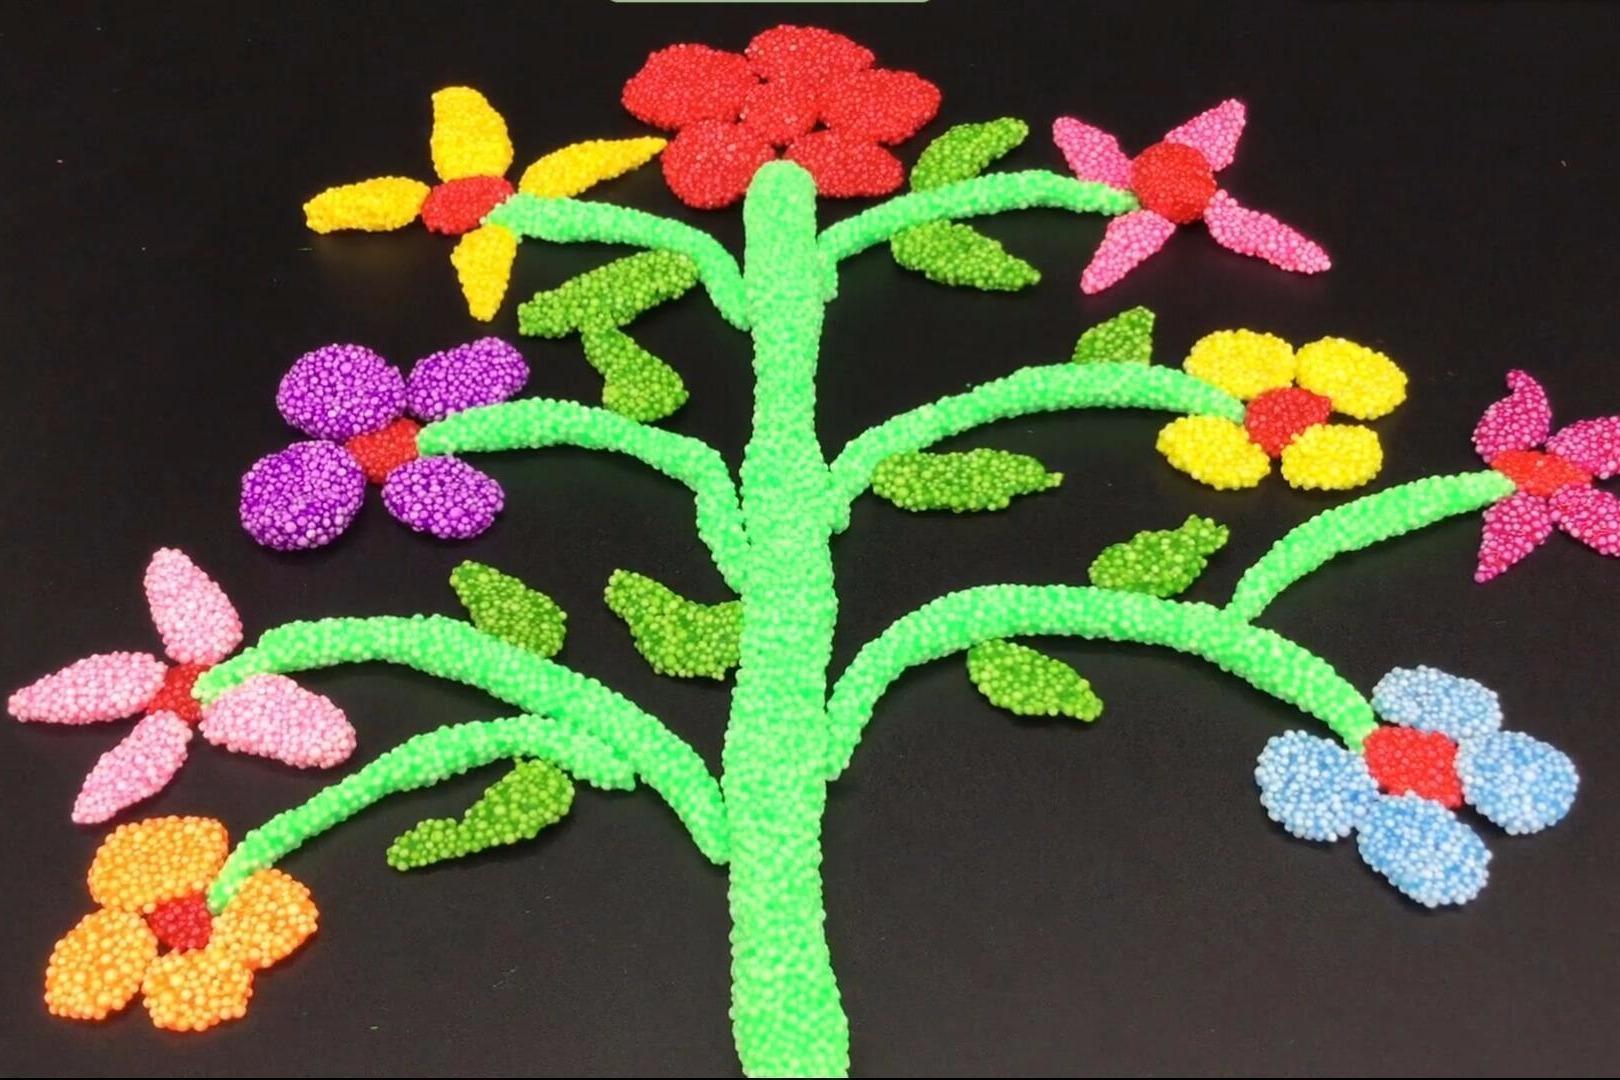 视频:雪花泥粘土手工制作五颜六色花朵